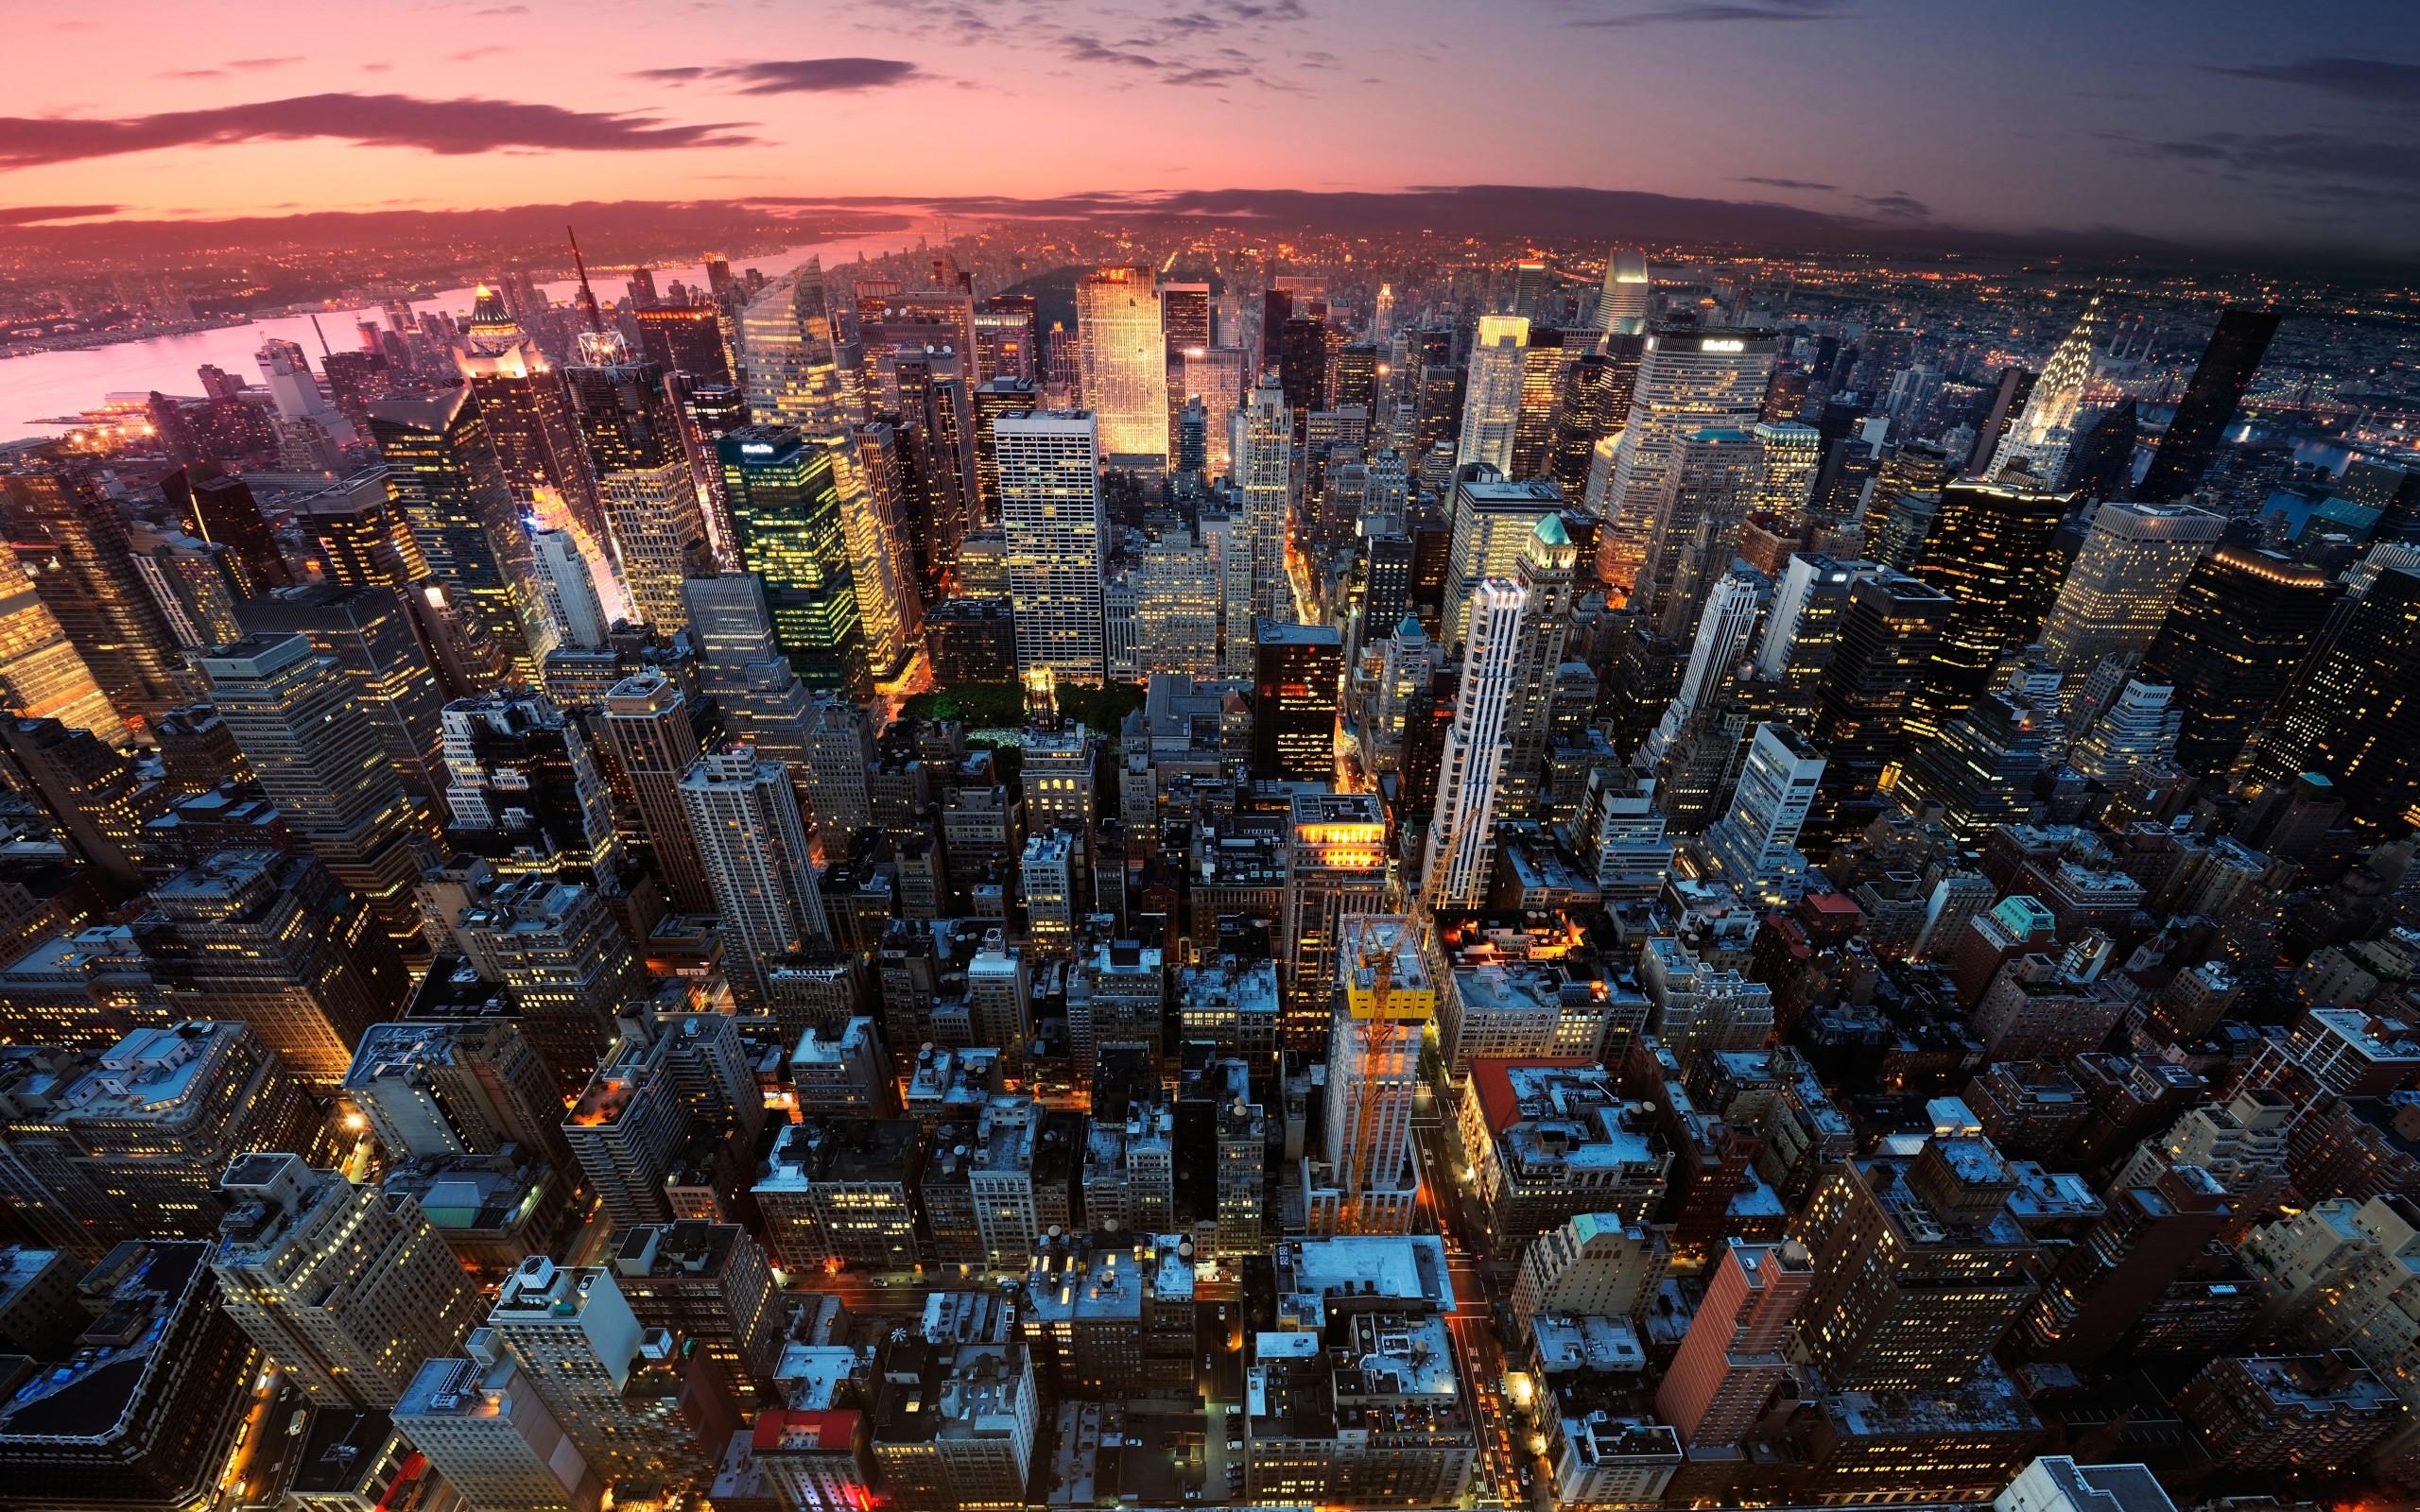 New York Manhattan USA City Wallpaper 2560x1600